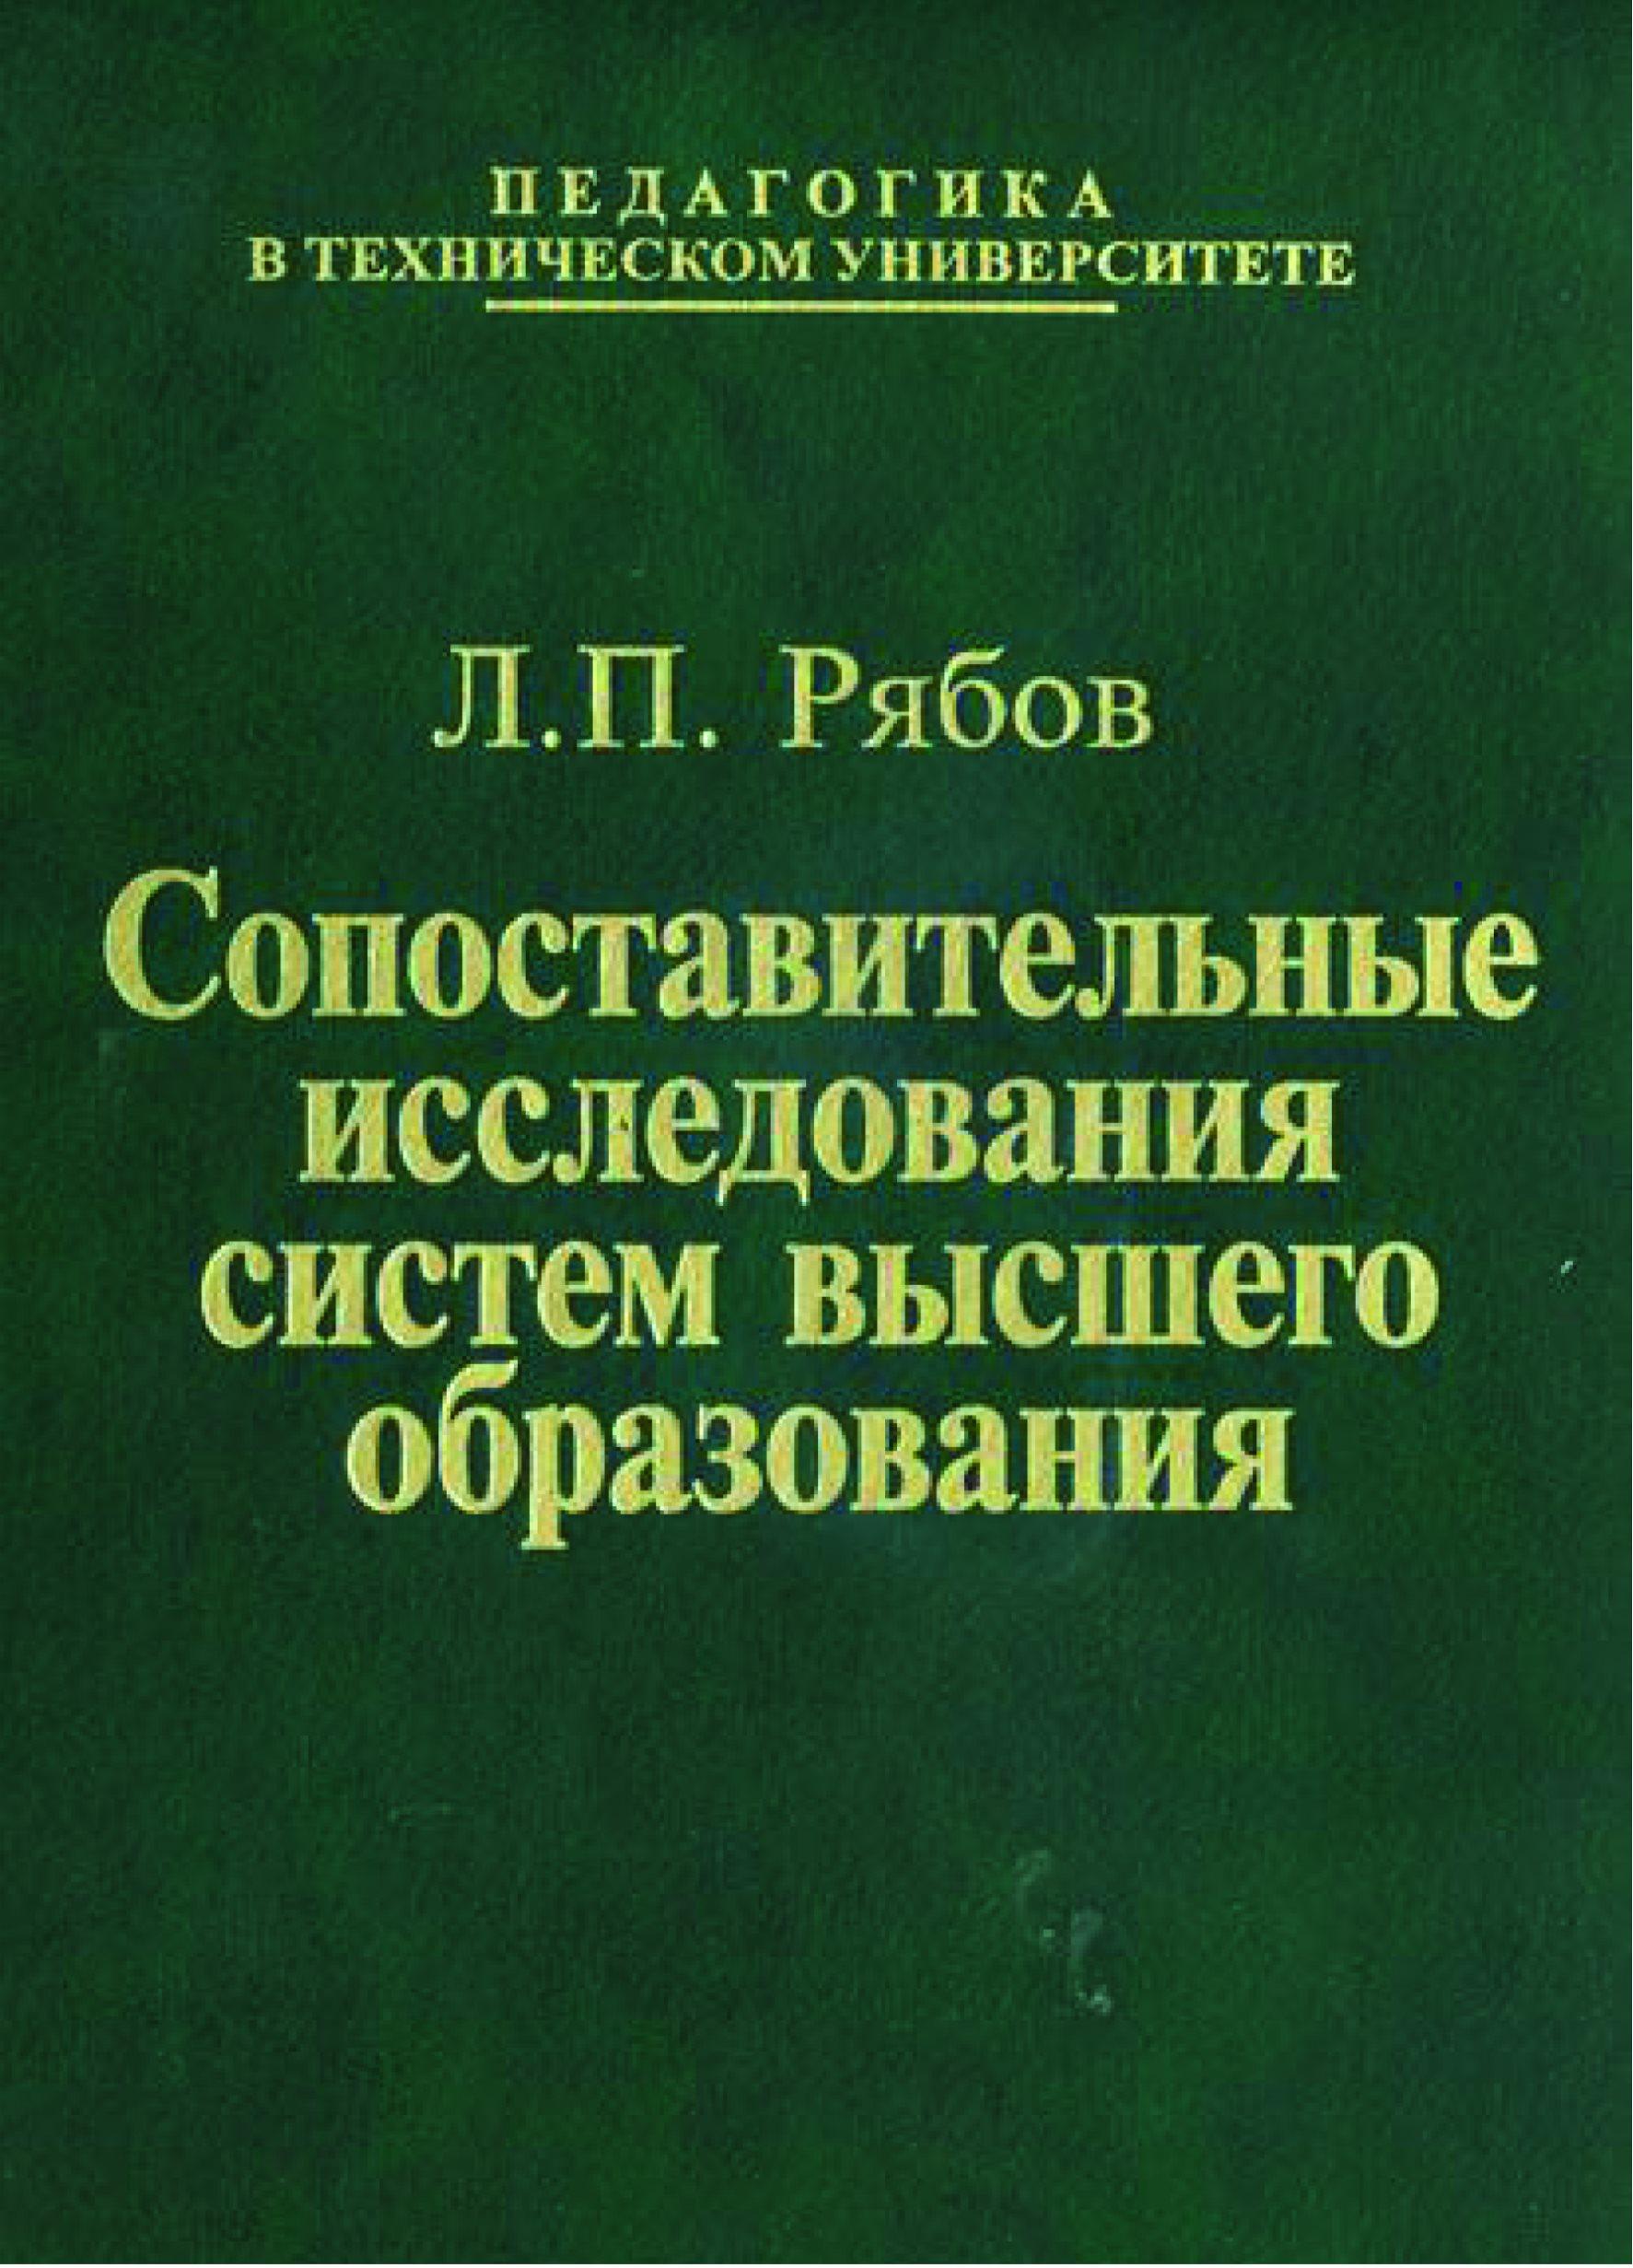 Лев Рябов Сопоставительные исследования систем высшего образования цены